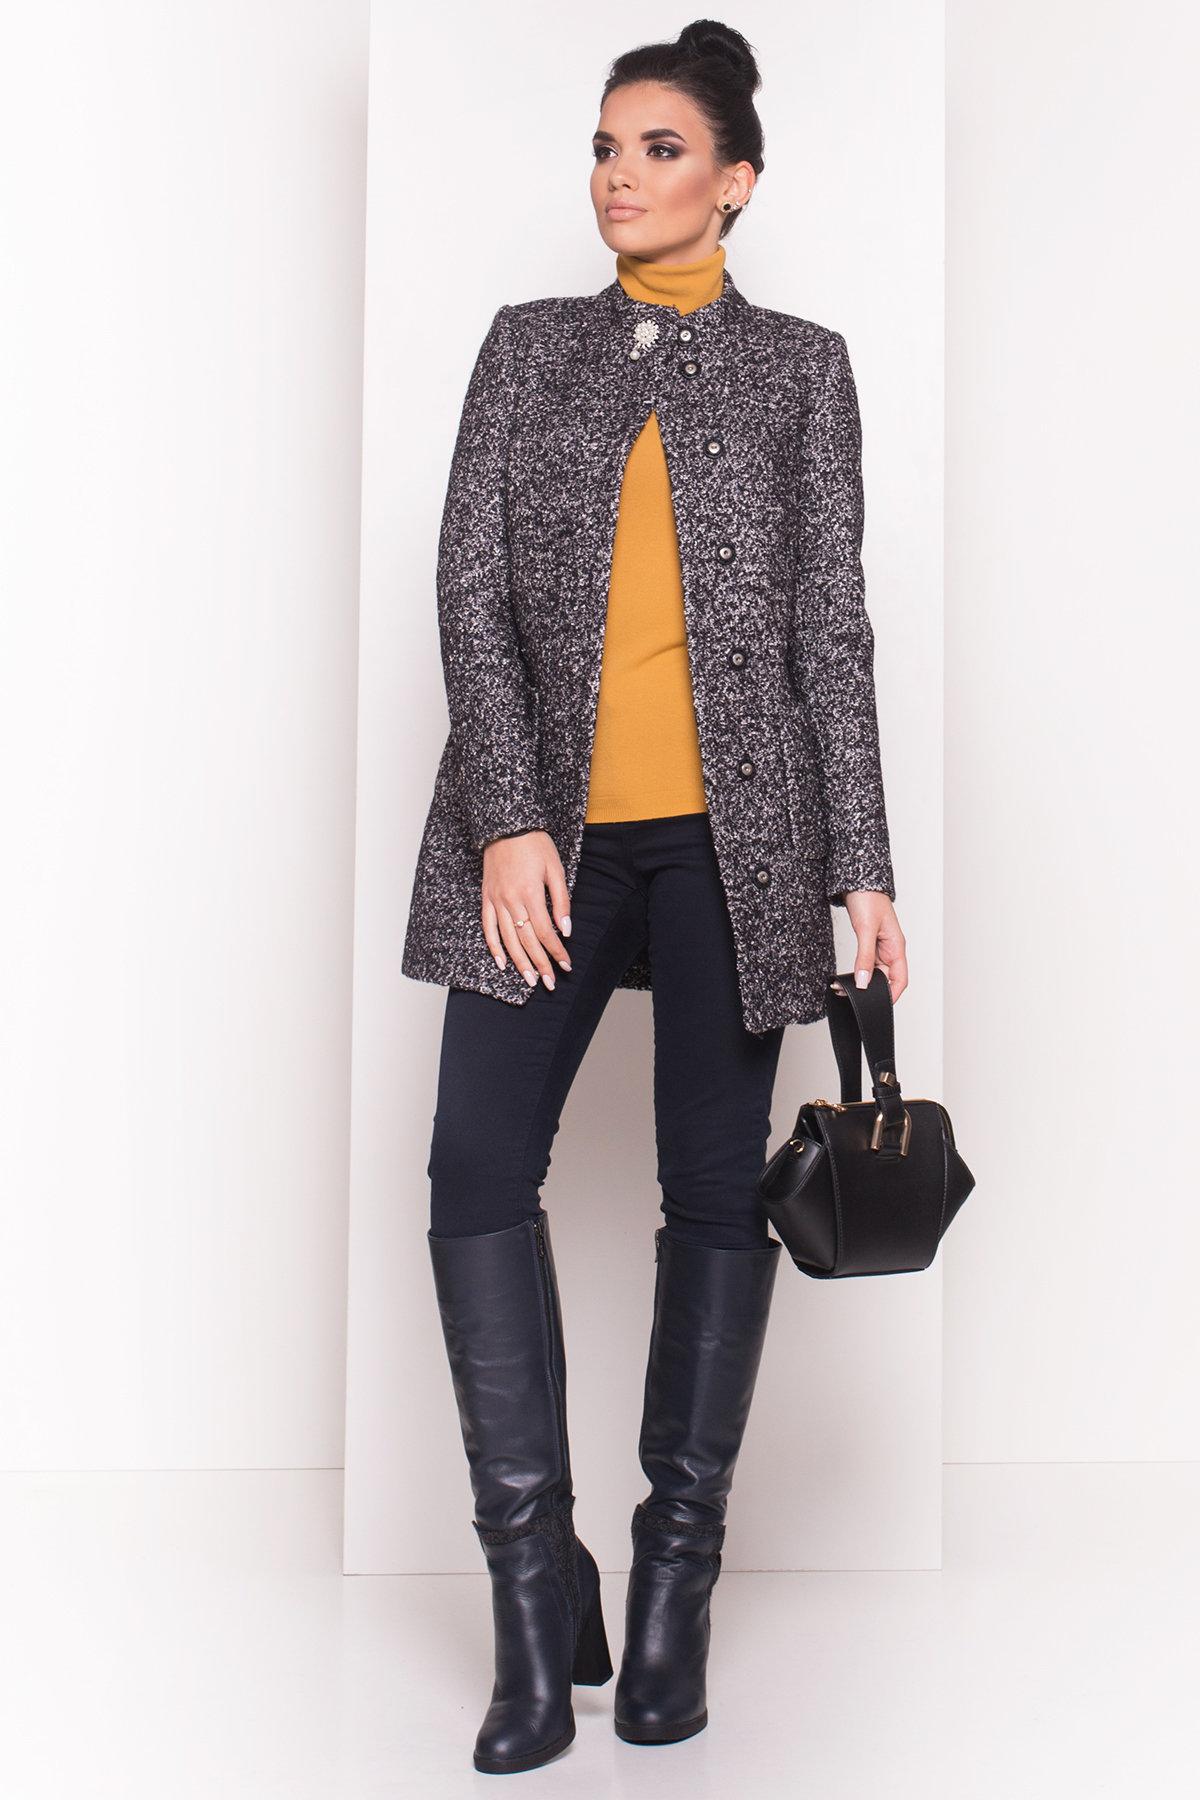 Пальто Мелини 0442 АРТ. 6776 Цвет: Черный / серый 6 - фото 3, интернет магазин tm-modus.ru